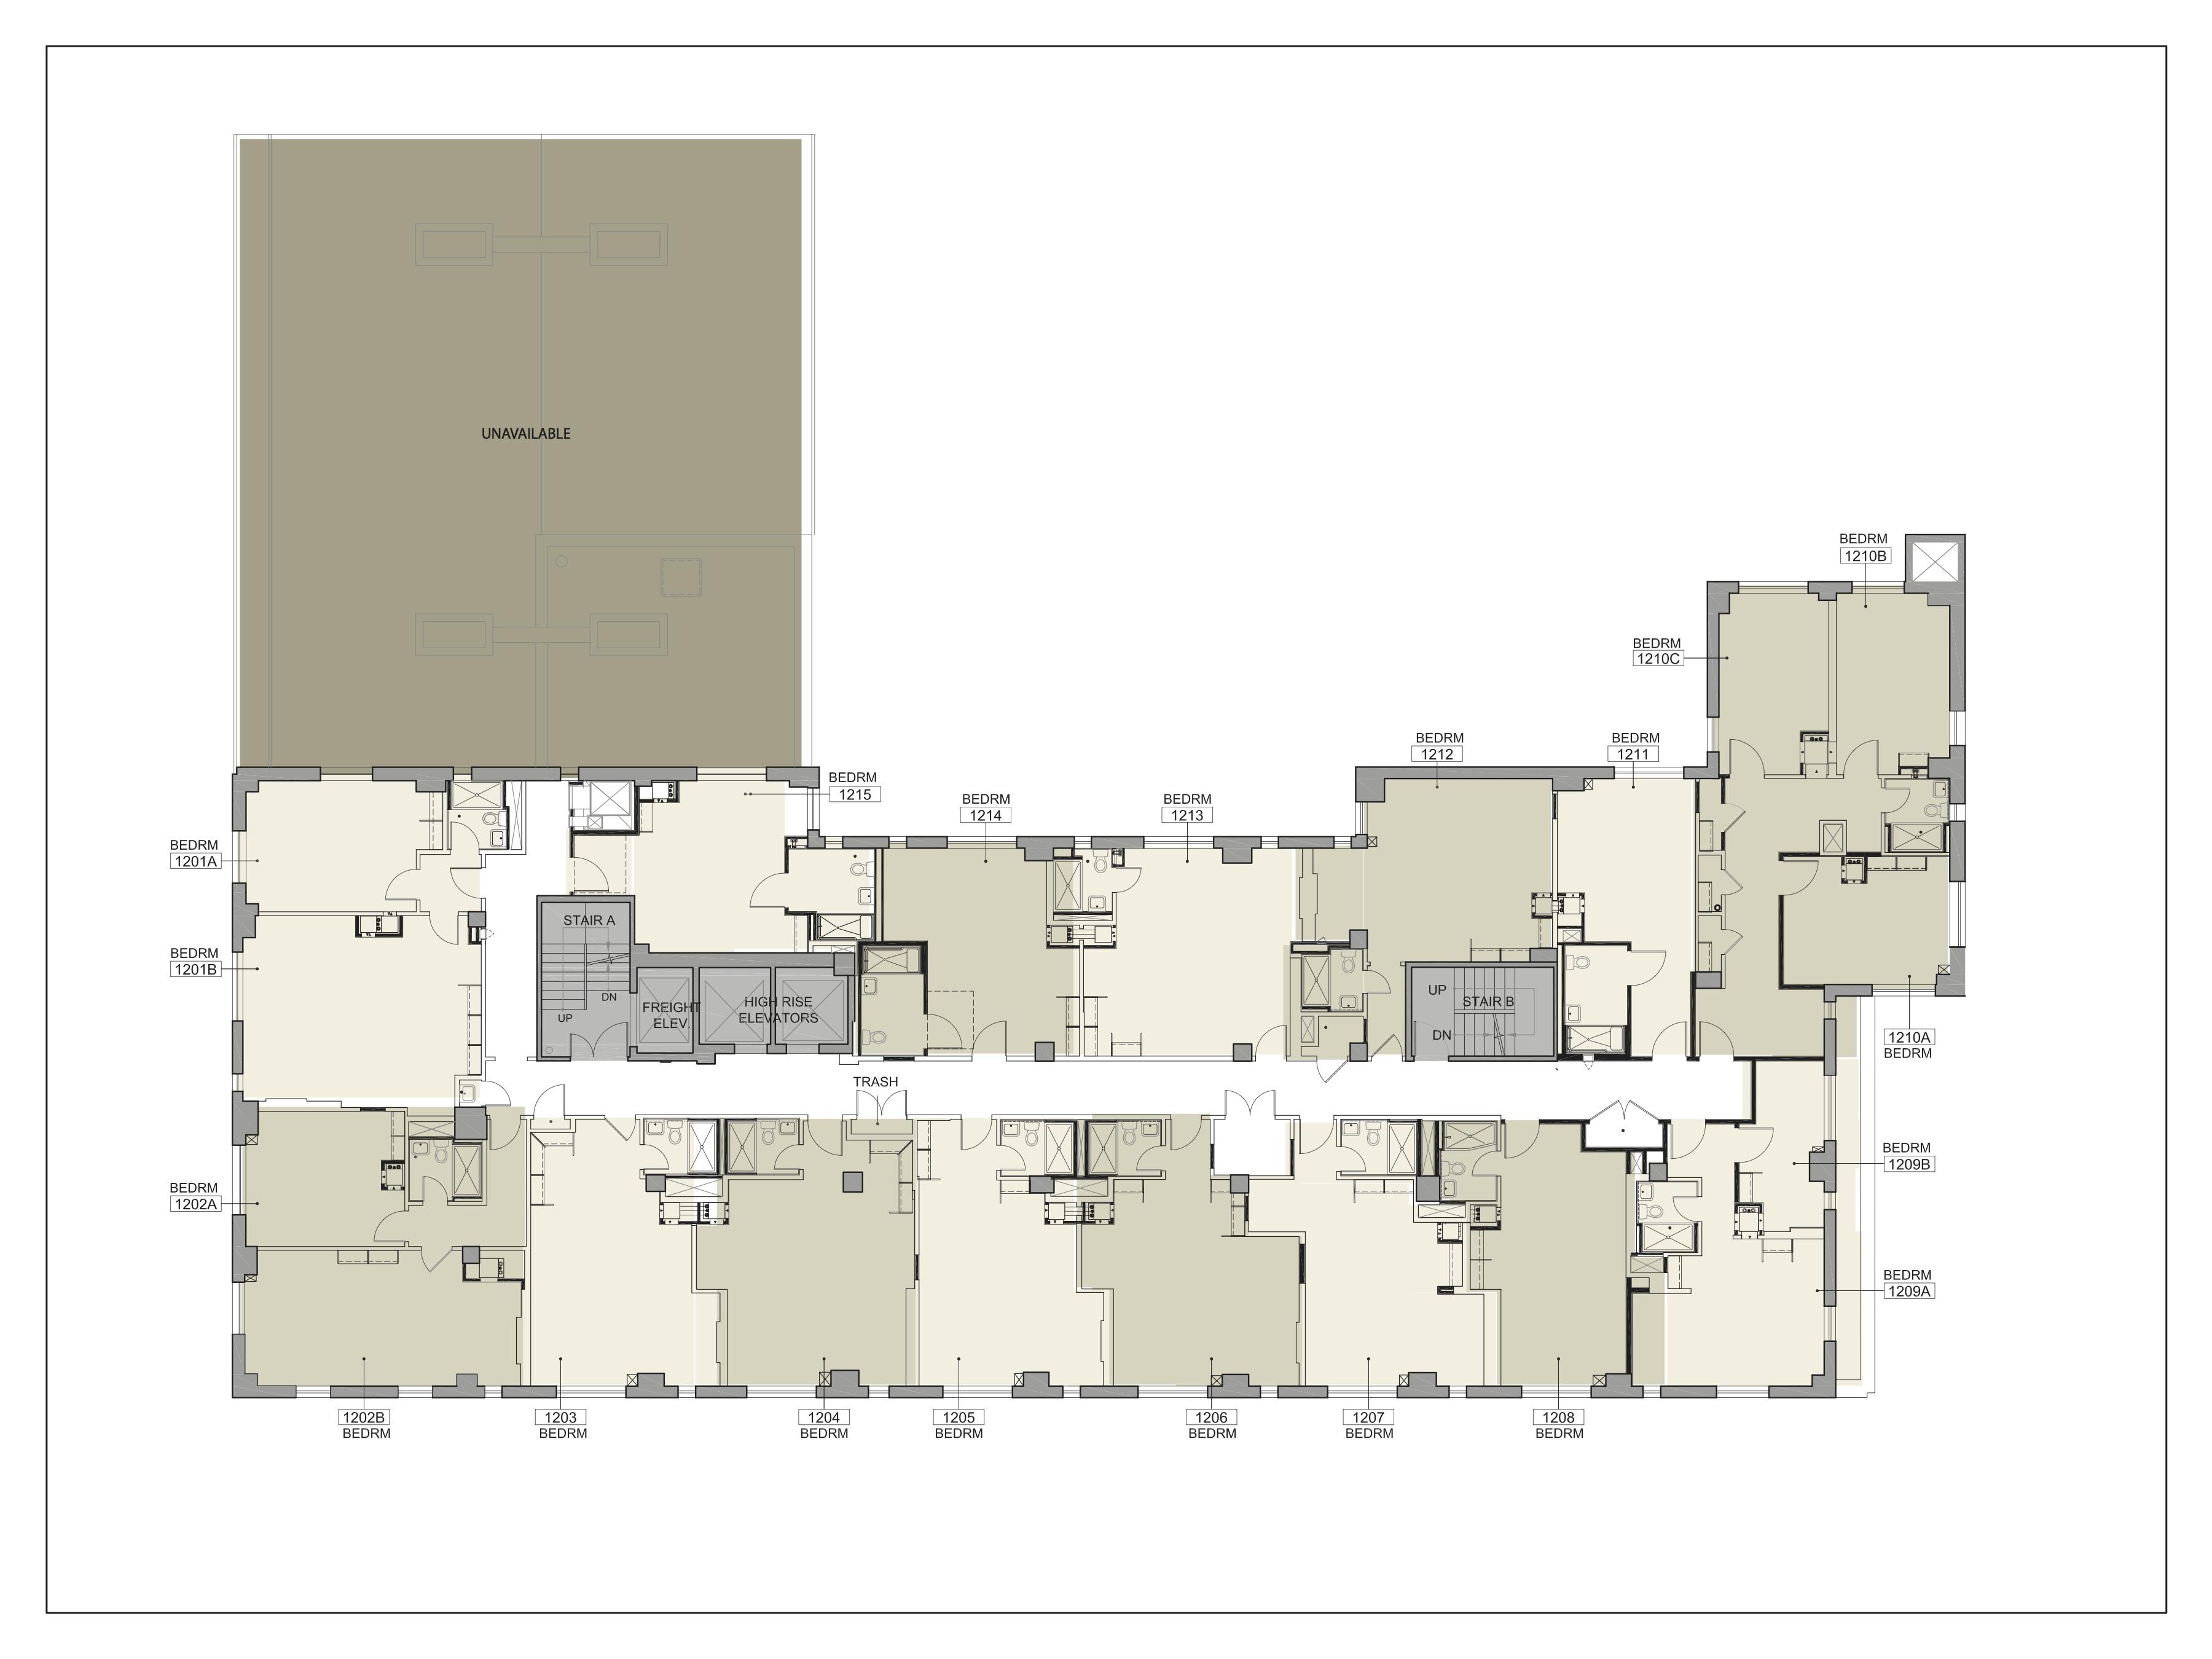 Floor plan for Lipton Floor 12